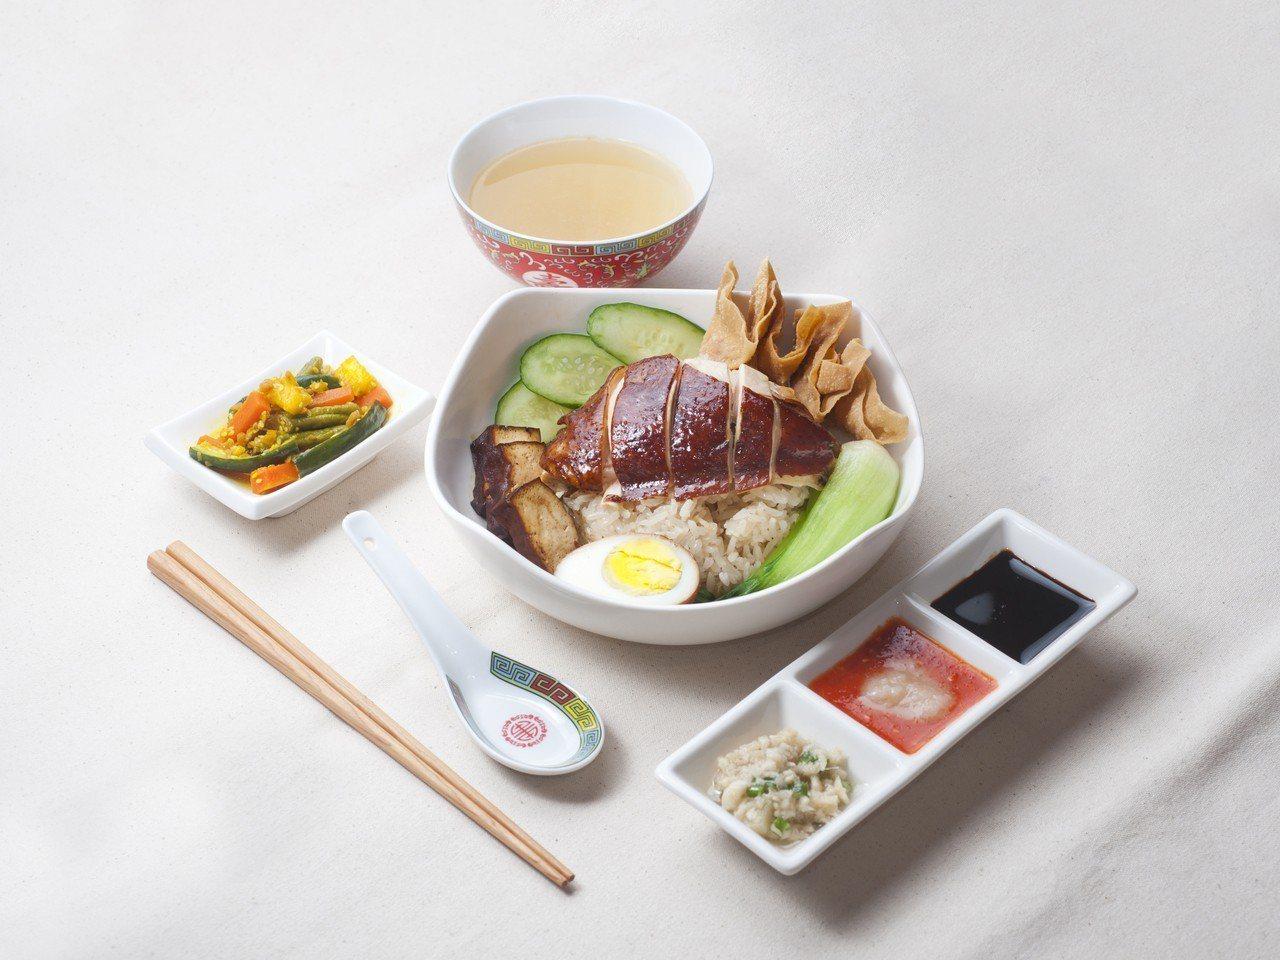 海記招牌醬油雞套餐,170元。圖/SOGO提供